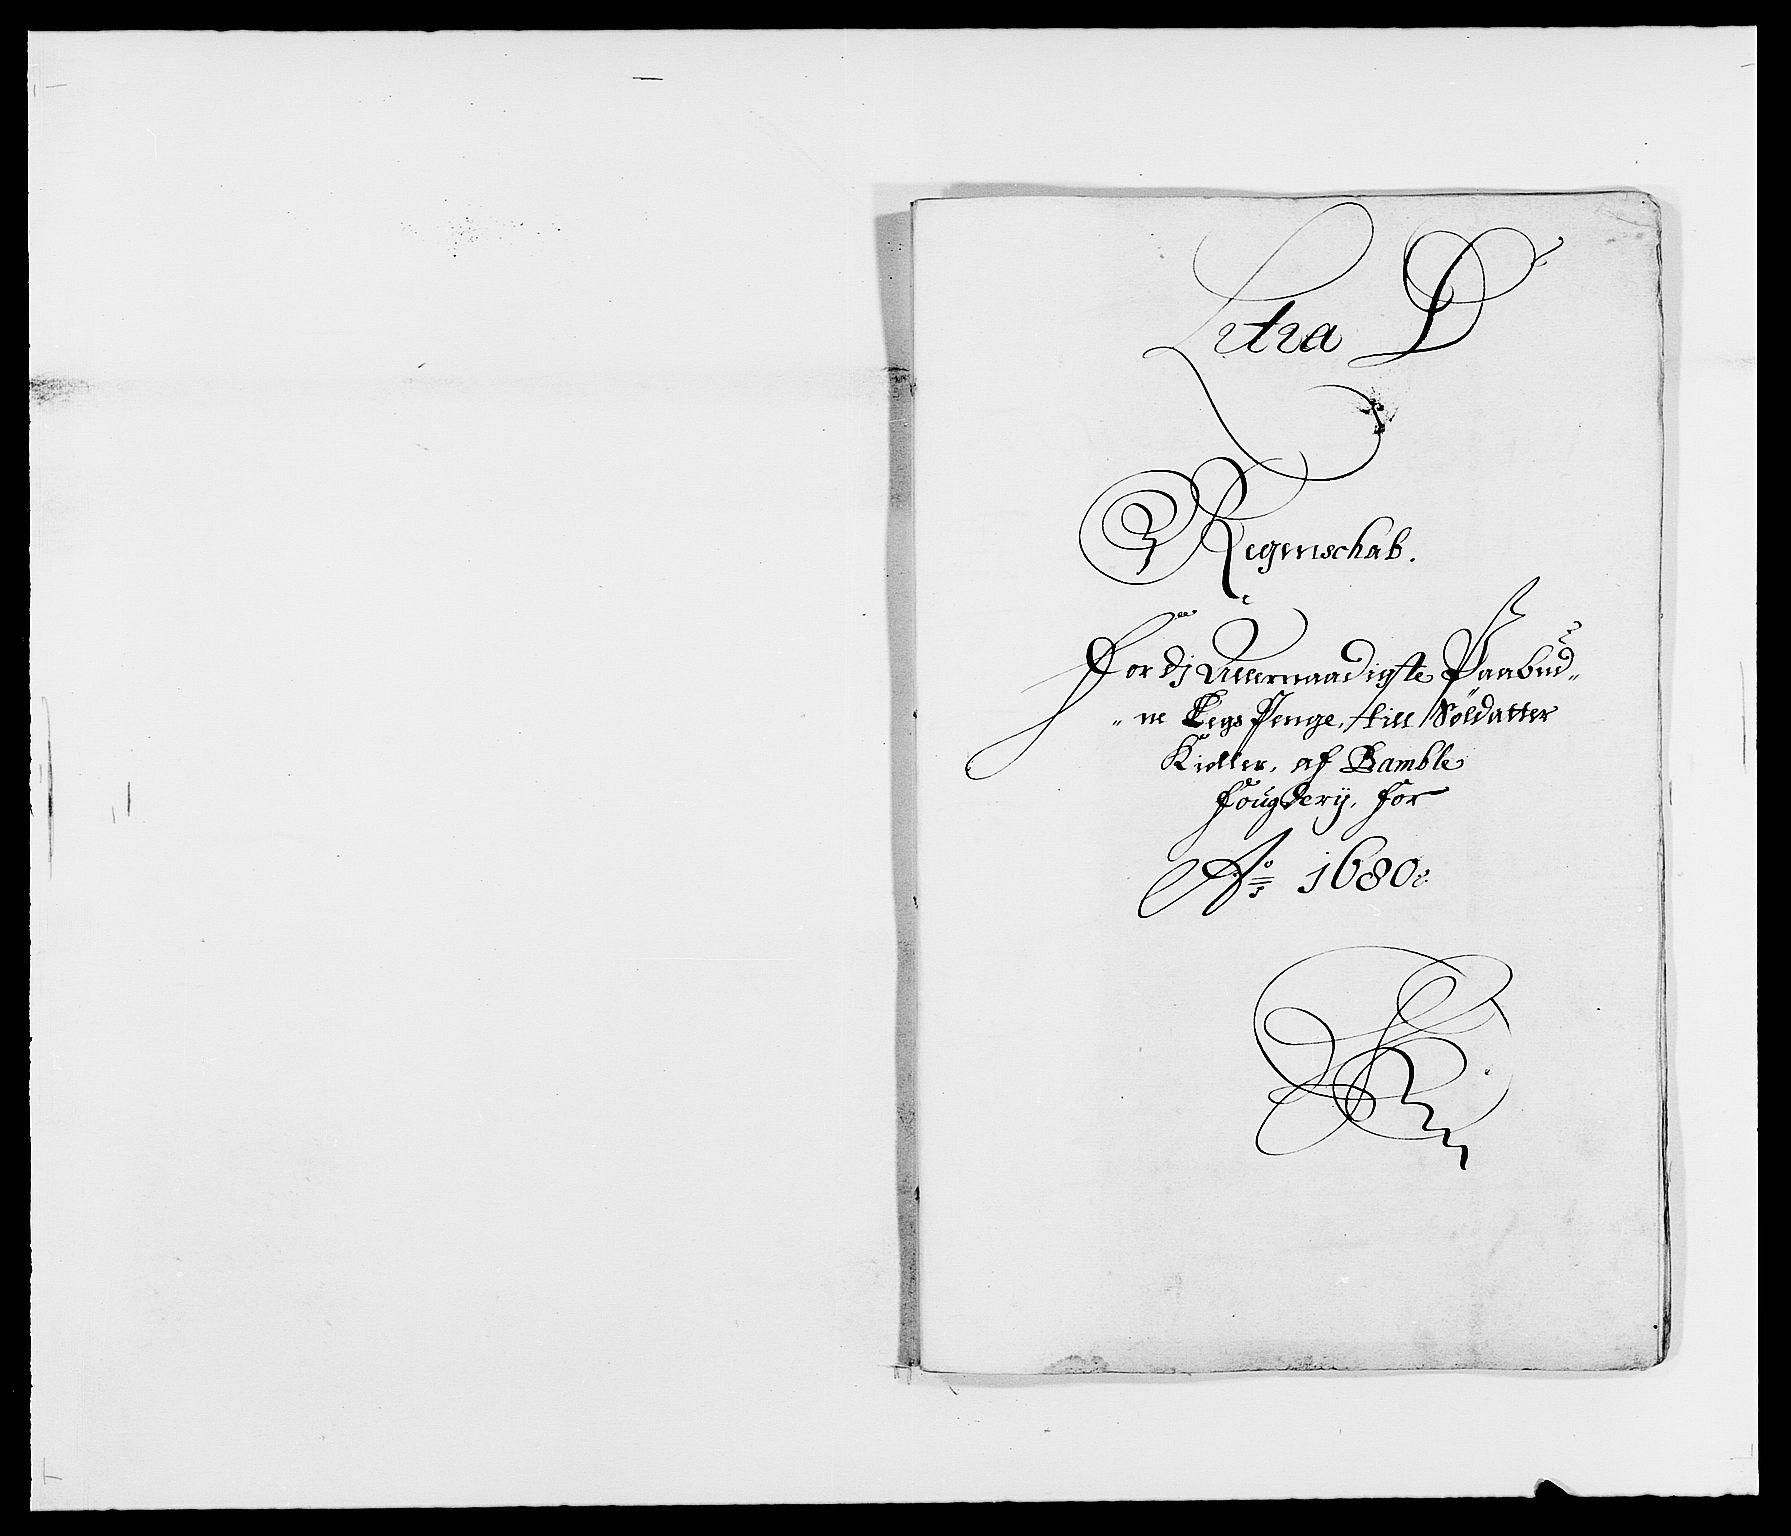 RA, Rentekammeret inntil 1814, Reviderte regnskaper, Fogderegnskap, R34/L2045: Fogderegnskap Bamble, 1680-1681, s. 97